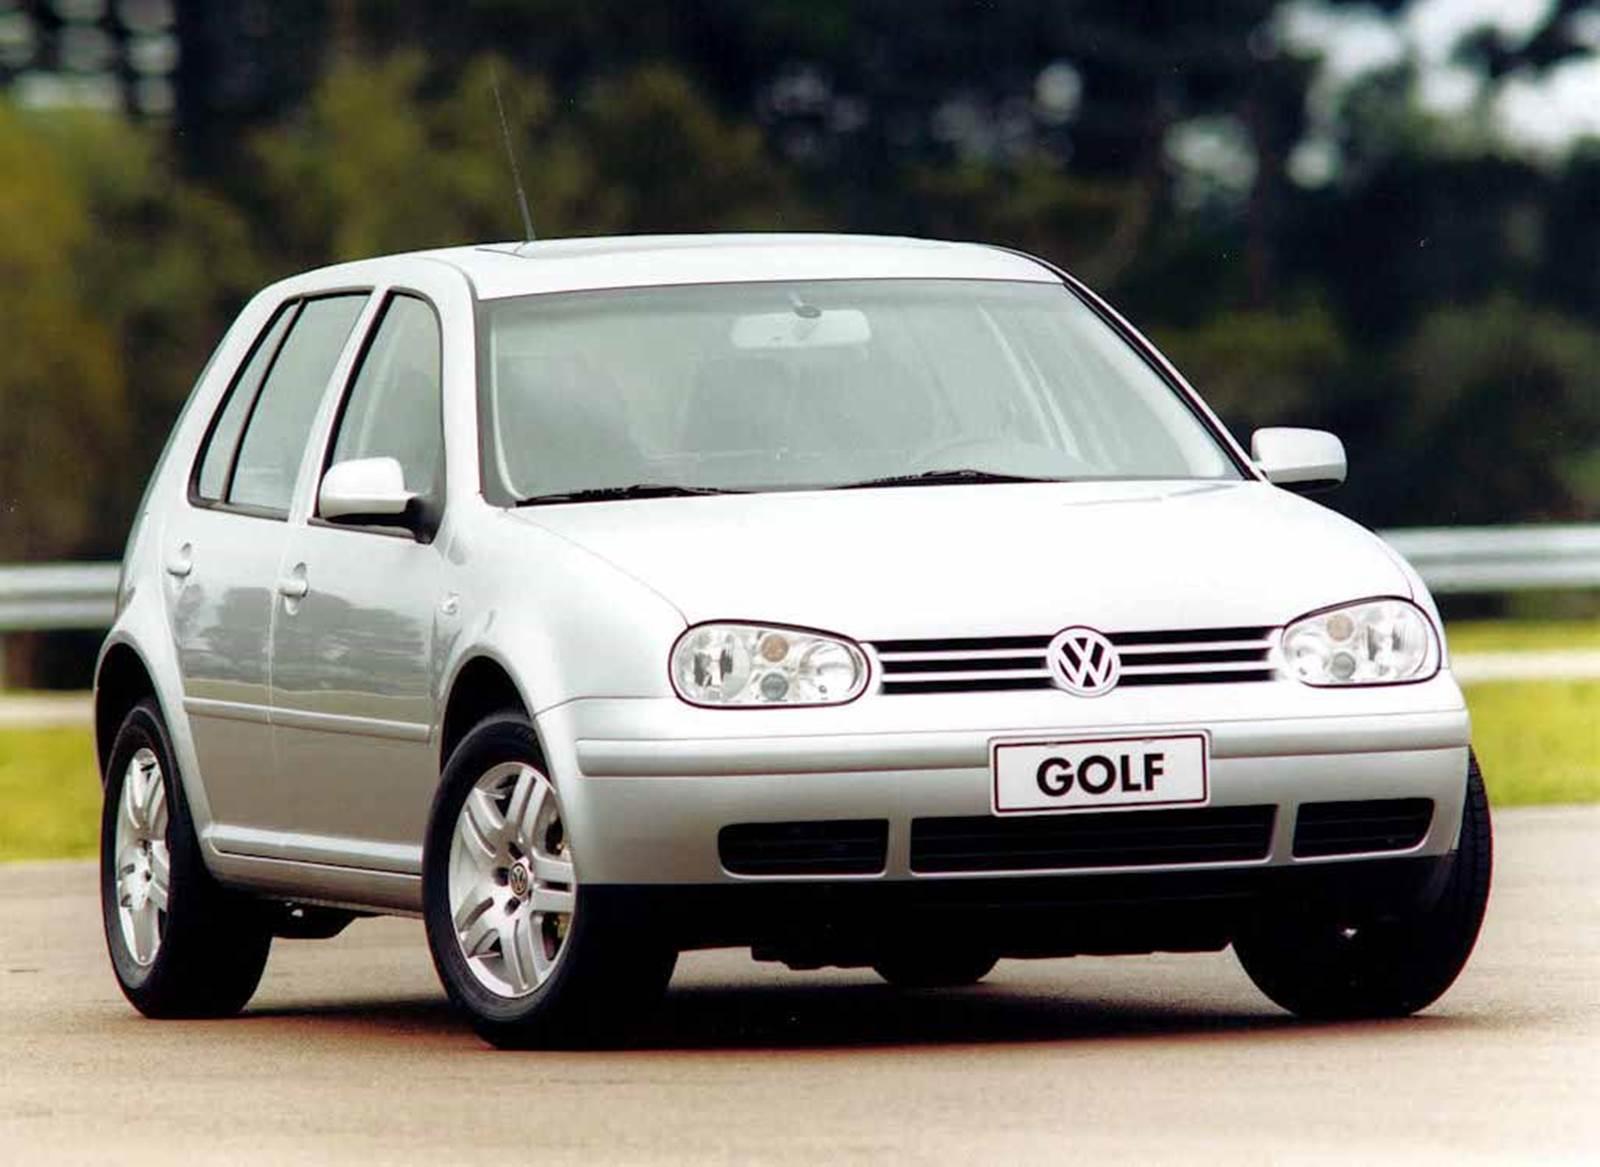 Vw Golf Gti 2002 Fotos Especificações E Ficha Técnica Carblogbr